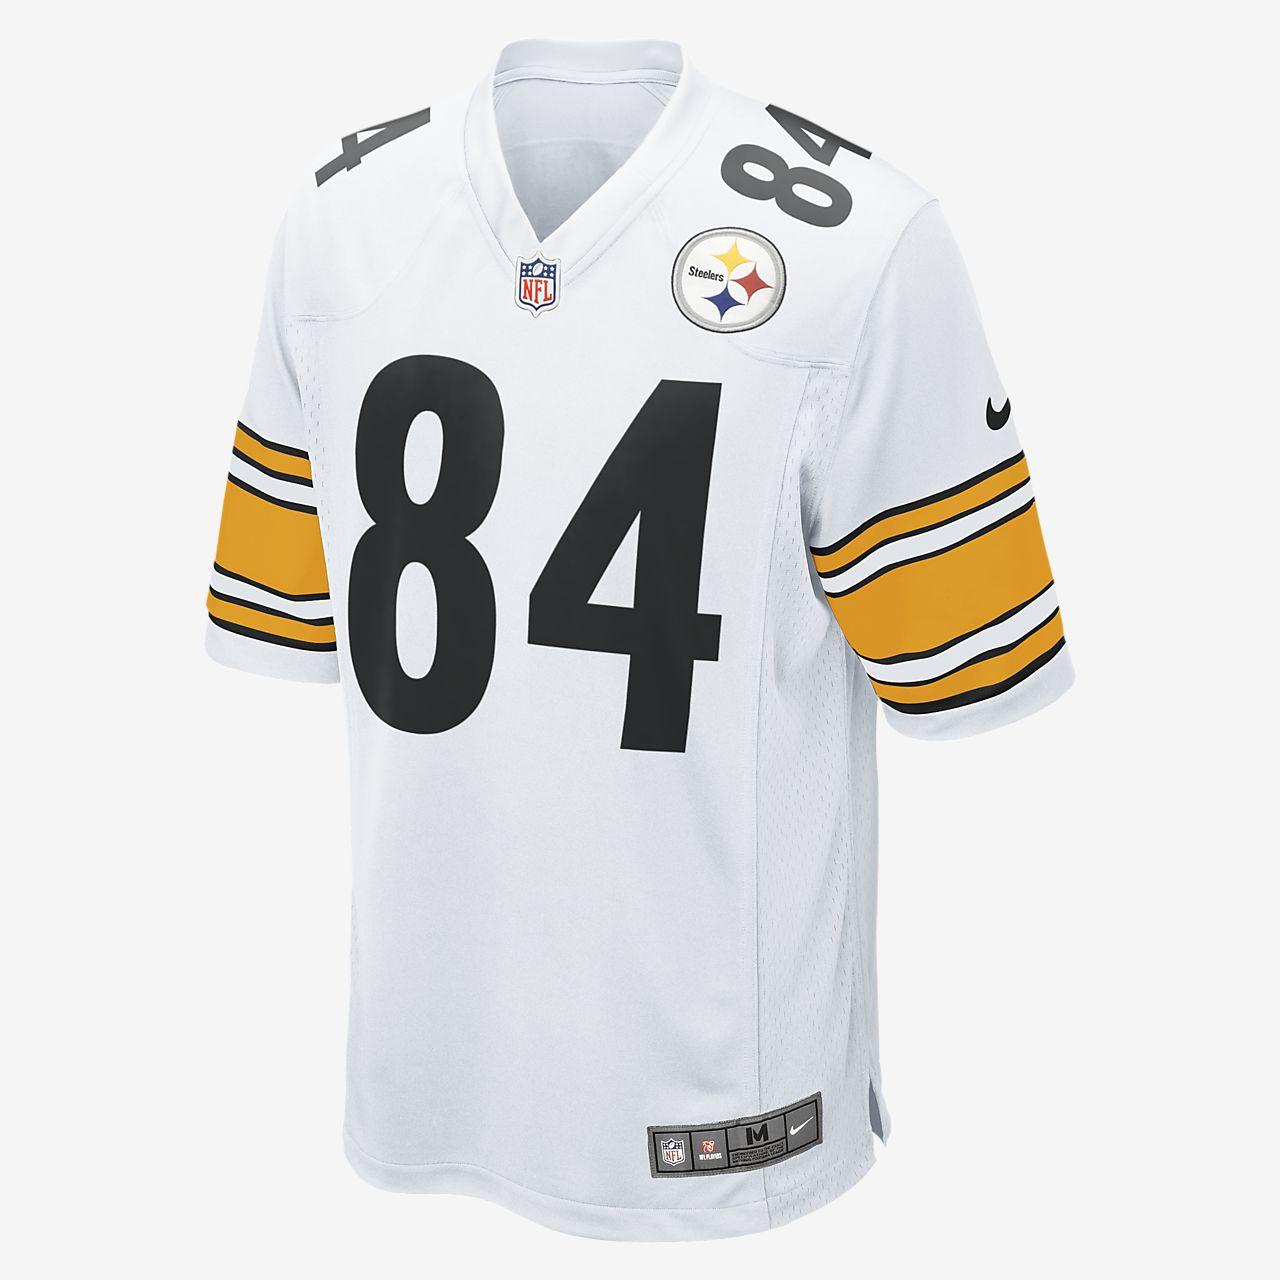 NFL Pittsburgh Steelers (Antonio Brown) Men's Game American Football Jersey